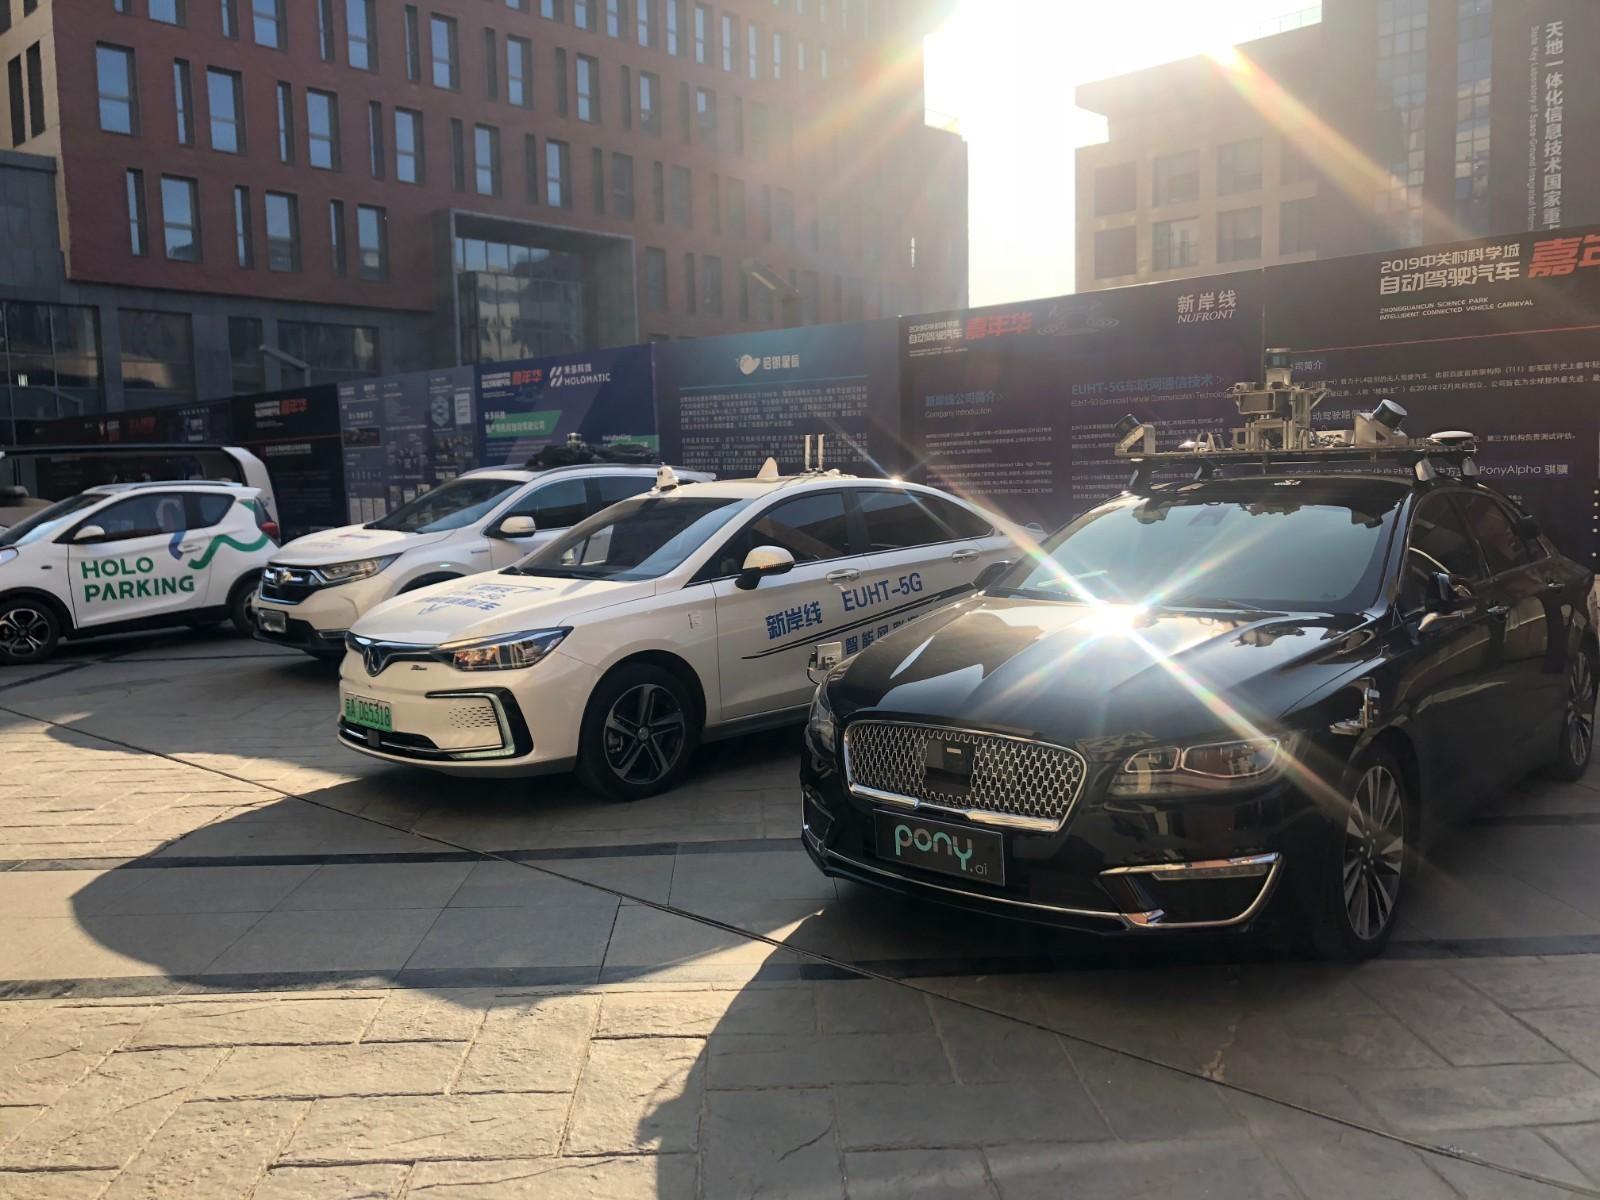 [热文]智能汽车集结!中关村科学城自动驾驶汽车嘉年华活动开幕